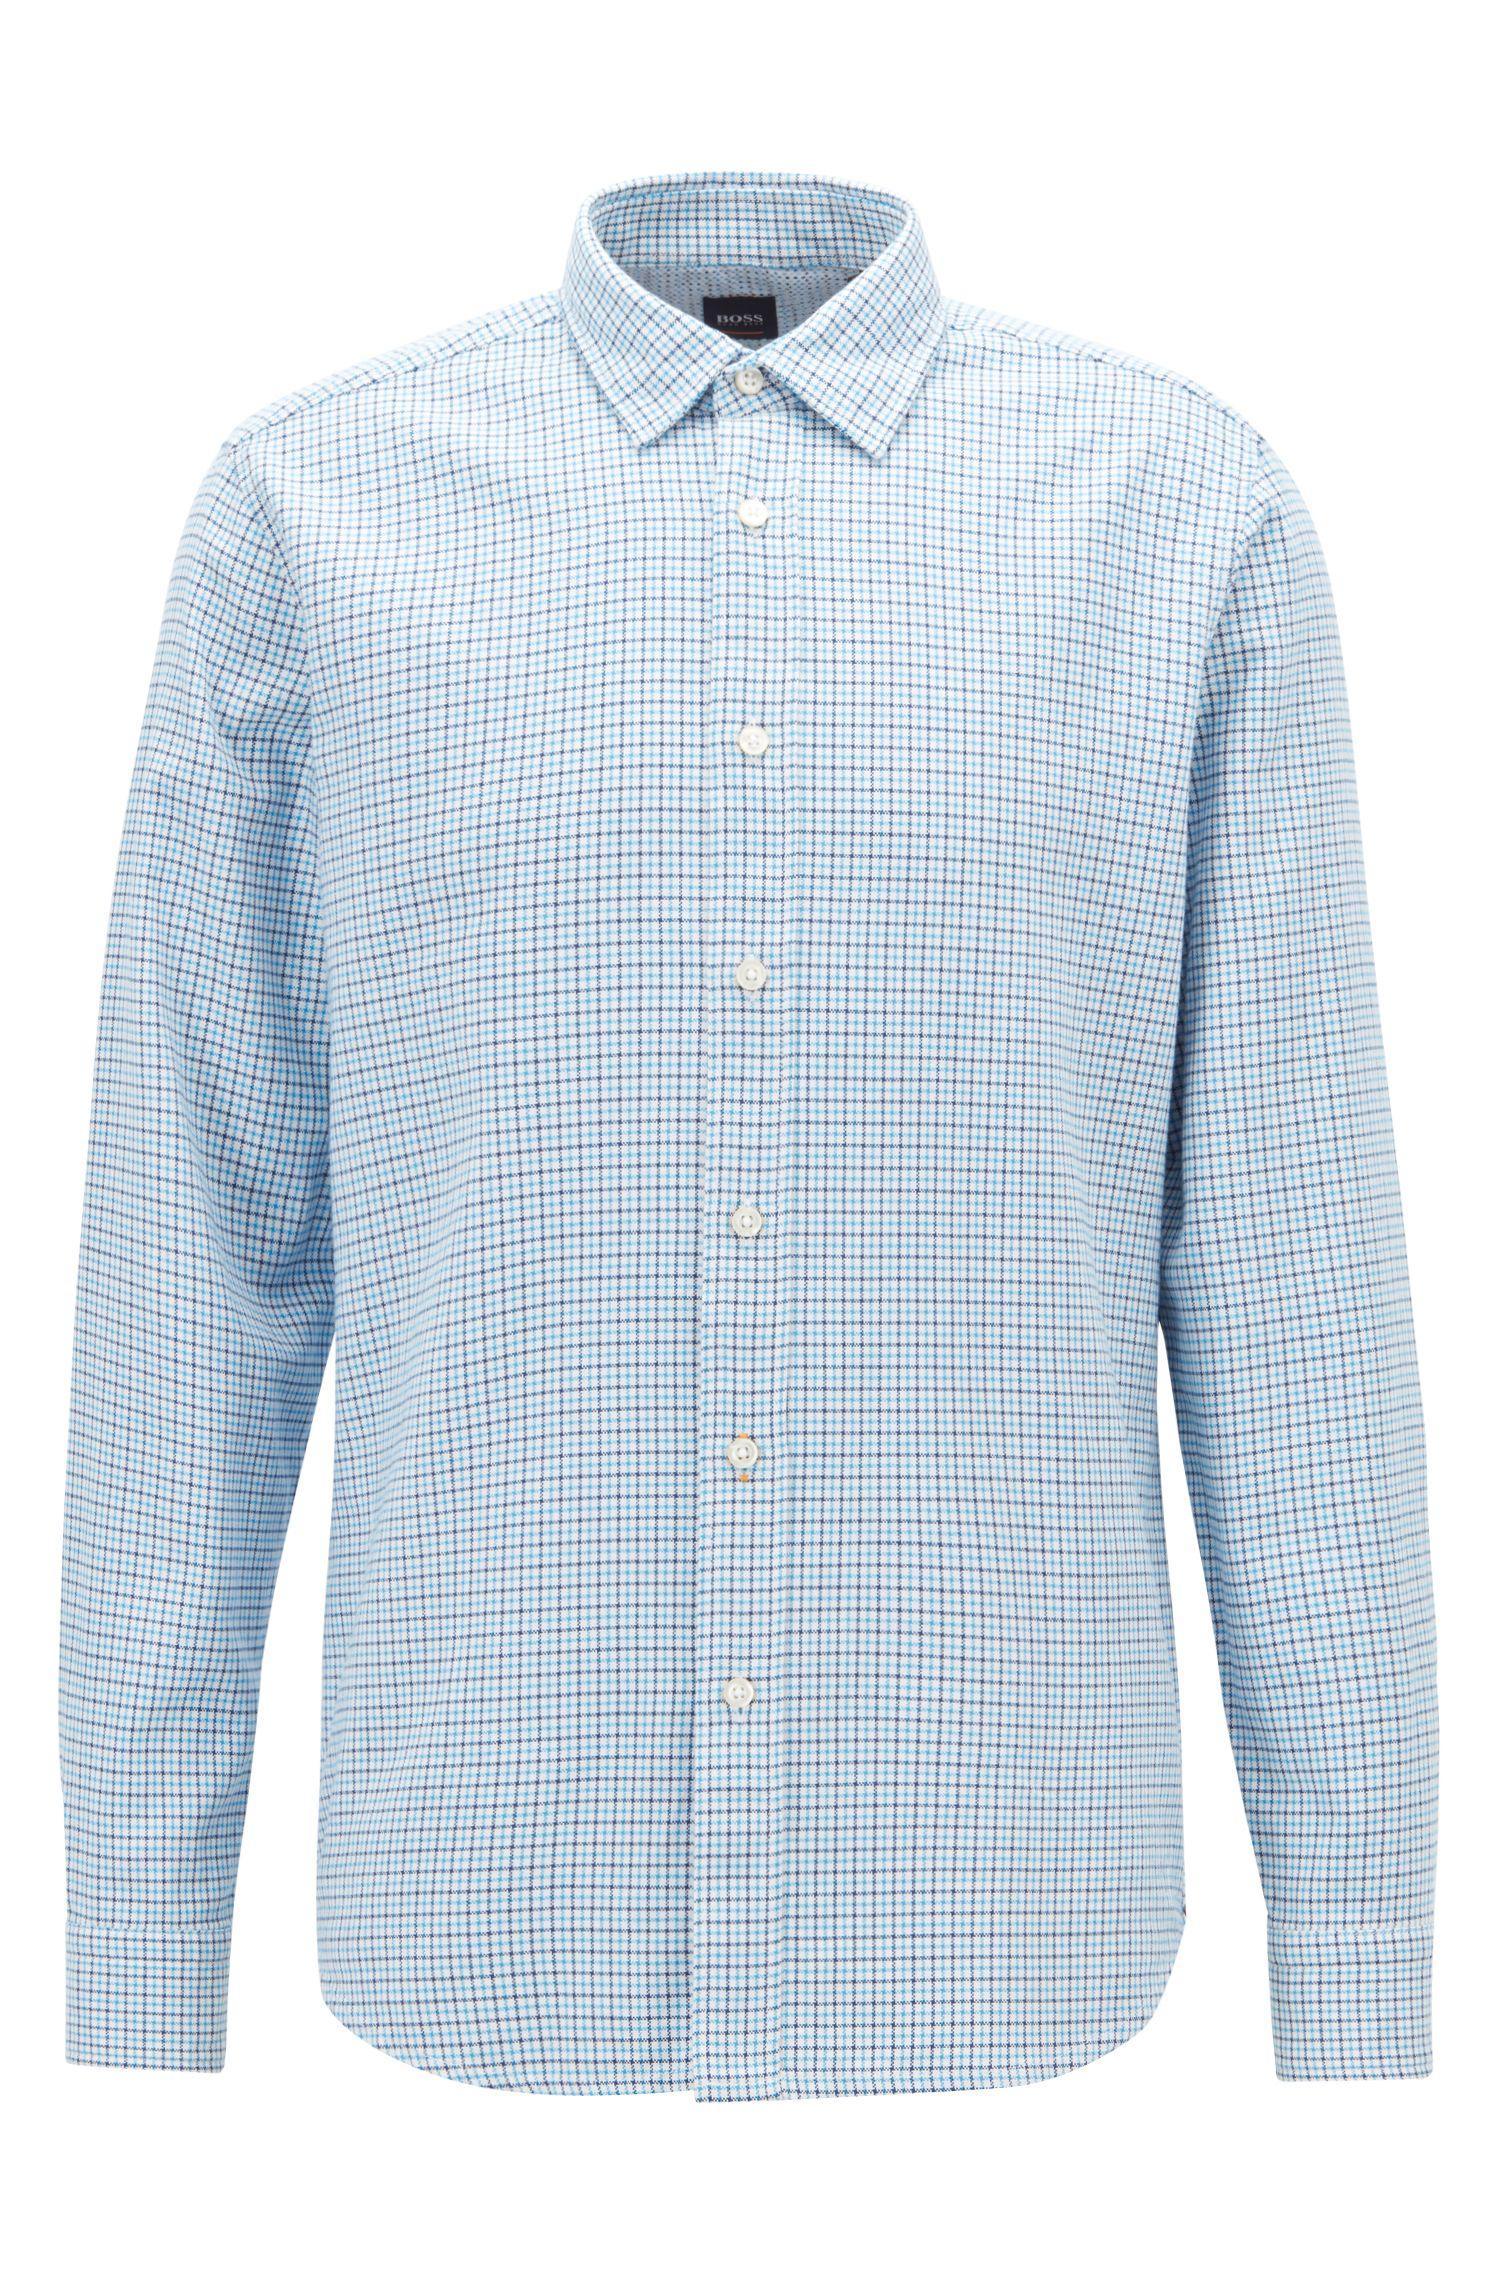 Camisa regular fit en algodón Oxford a cuadros Vichy, Celeste